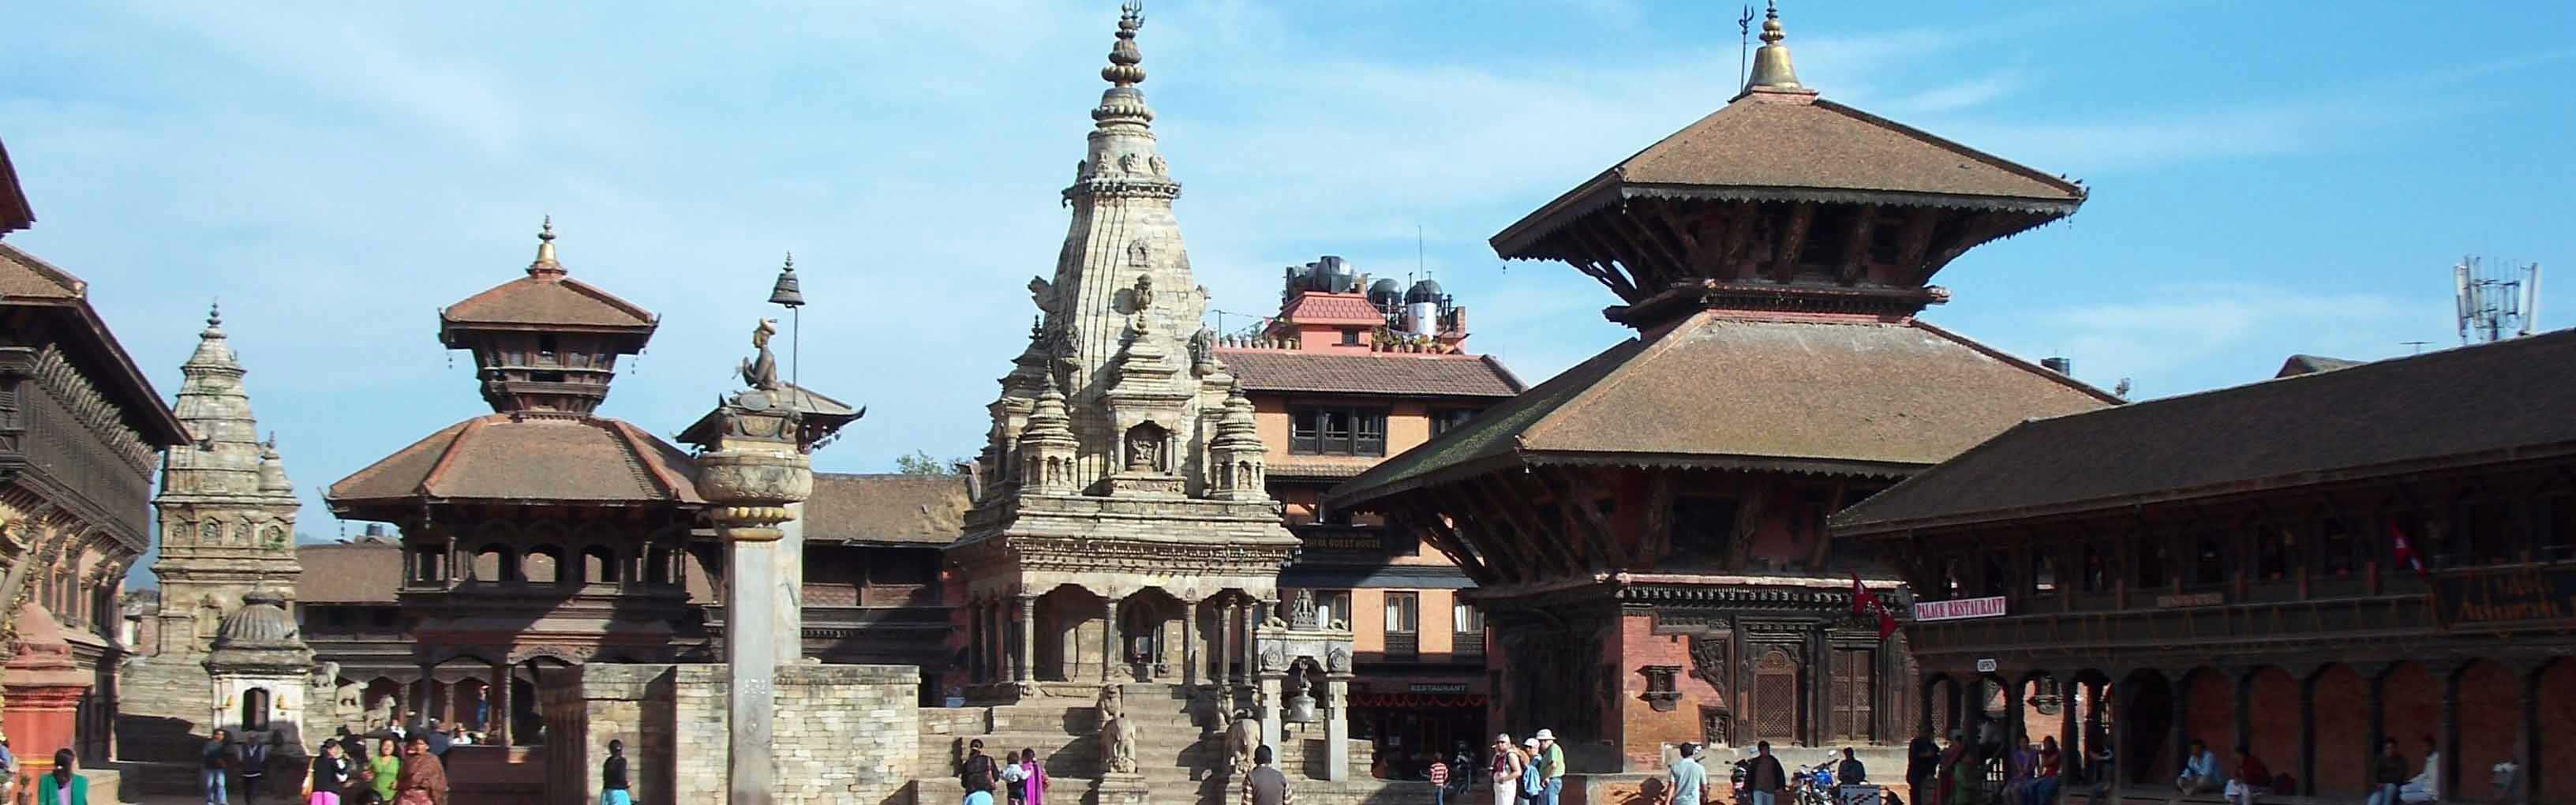 Day tour around kathmandu/ Day Hikes around Kathmandu